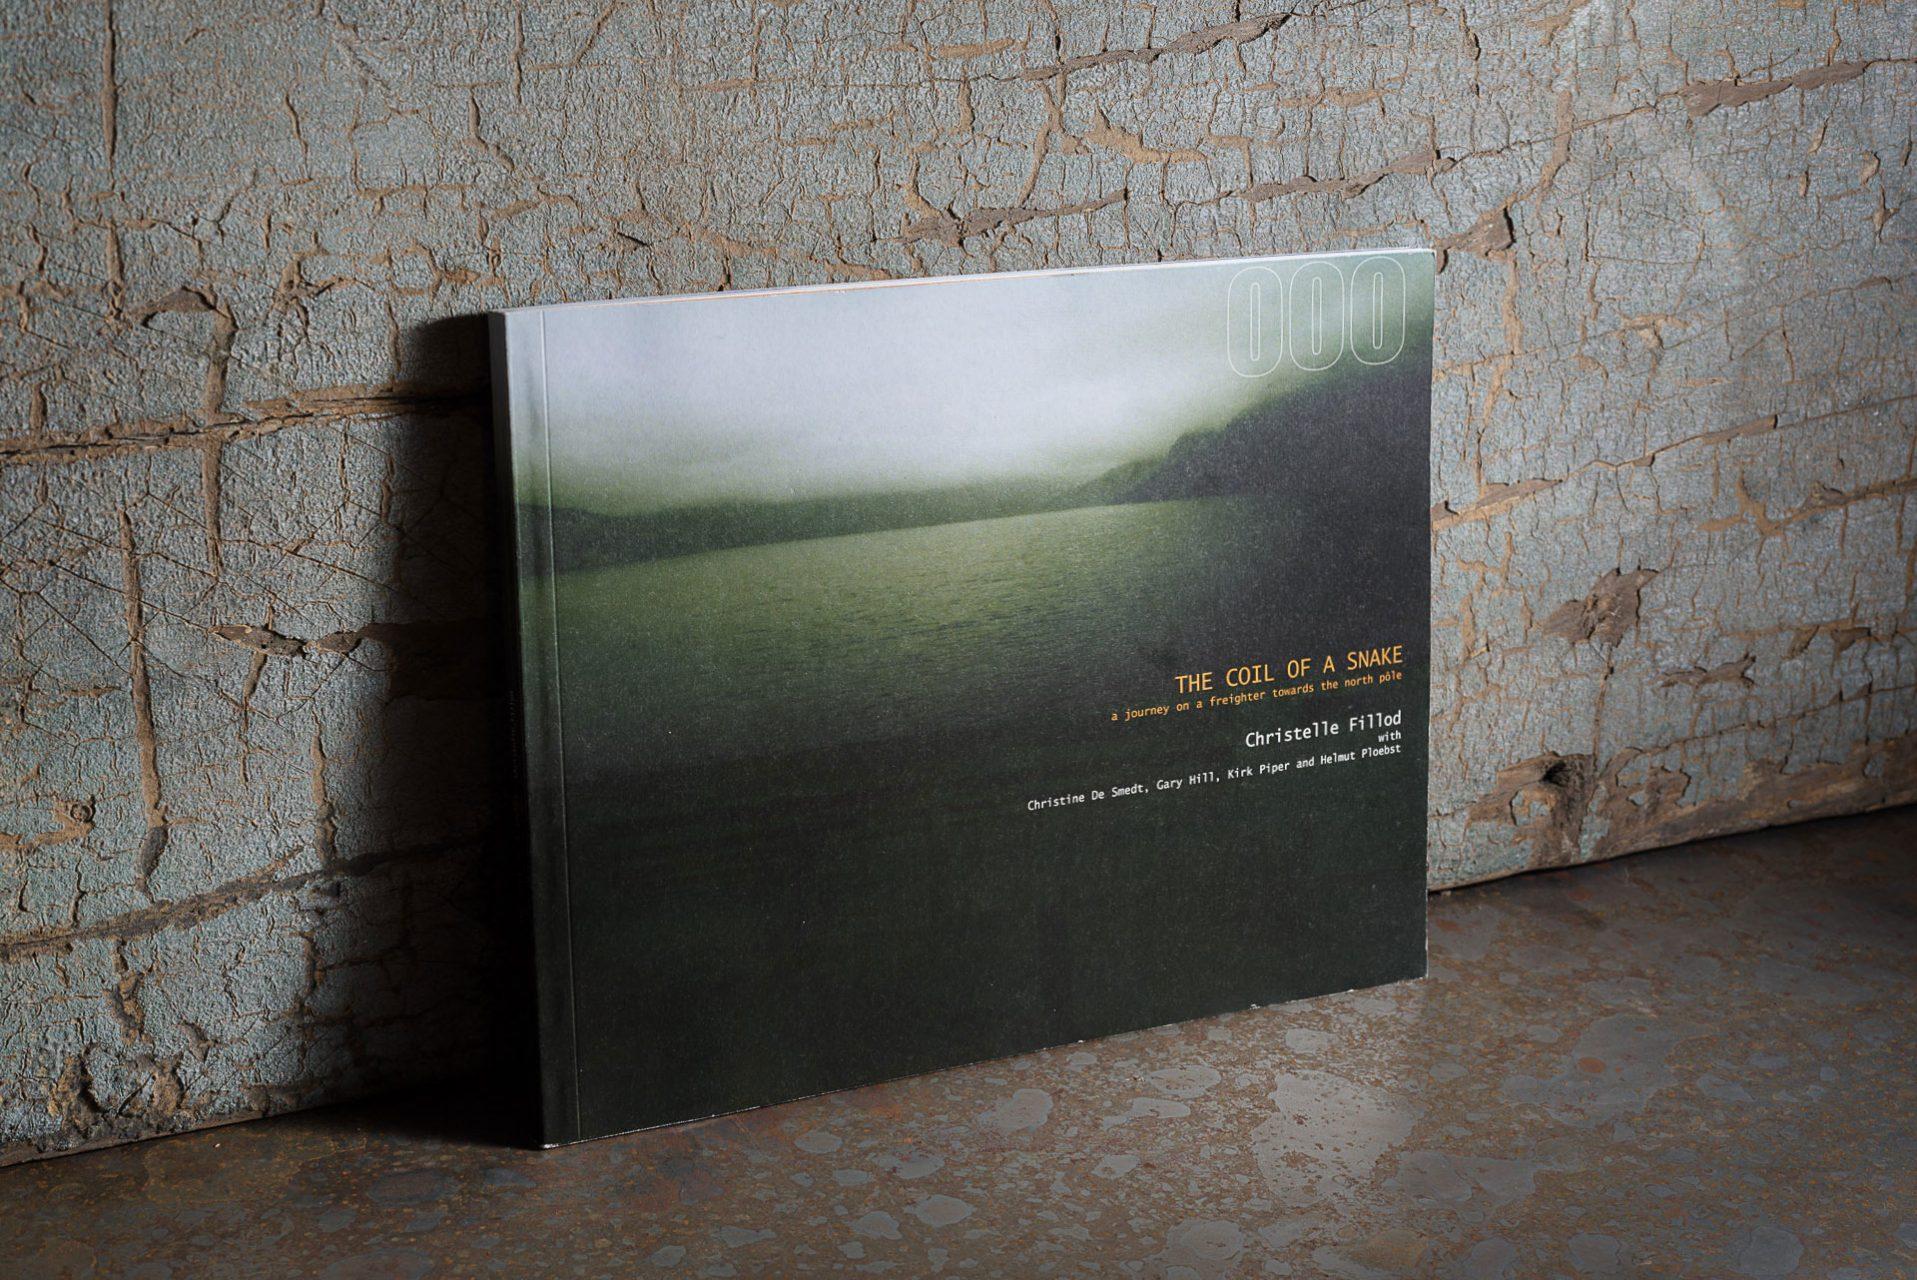 web-hd-nuit-myrtide-livre-the-coil-of-the-snake-christelle-fillod-01